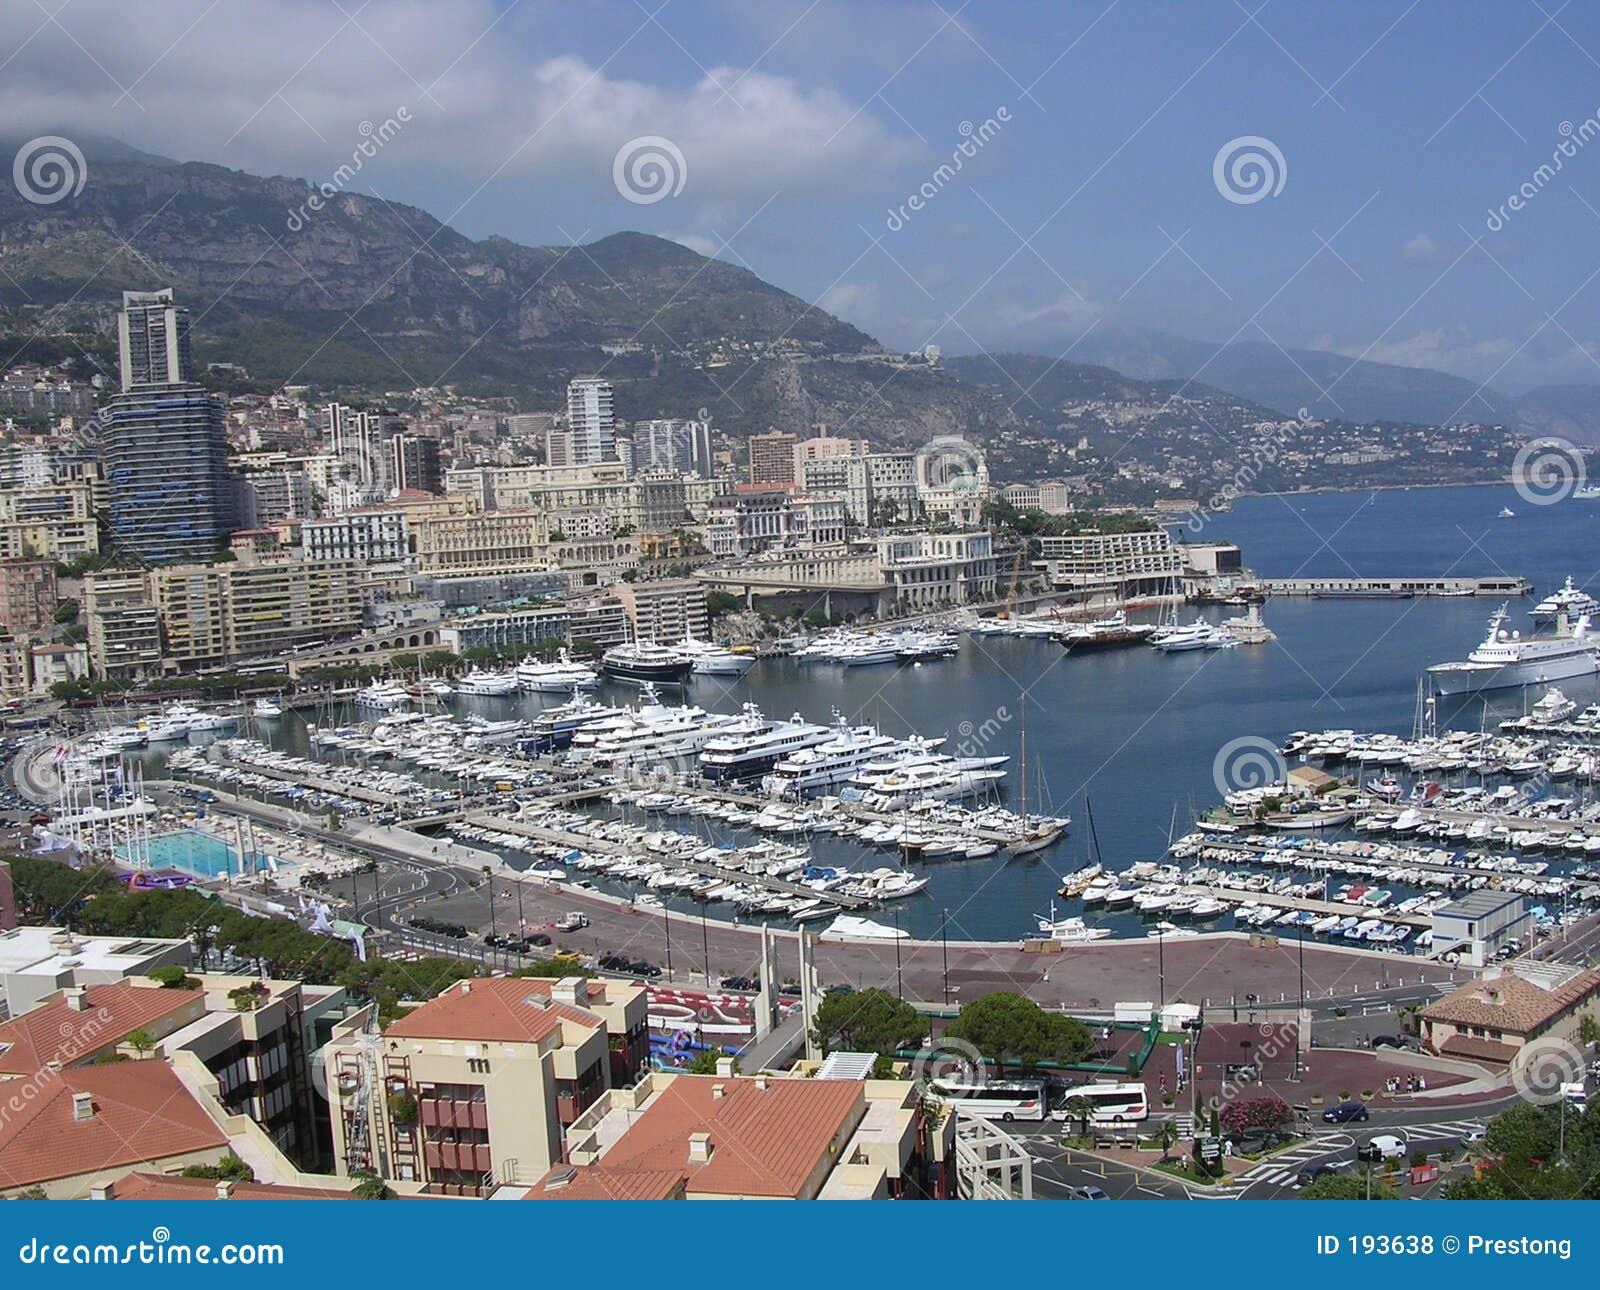 Port du Monaco.